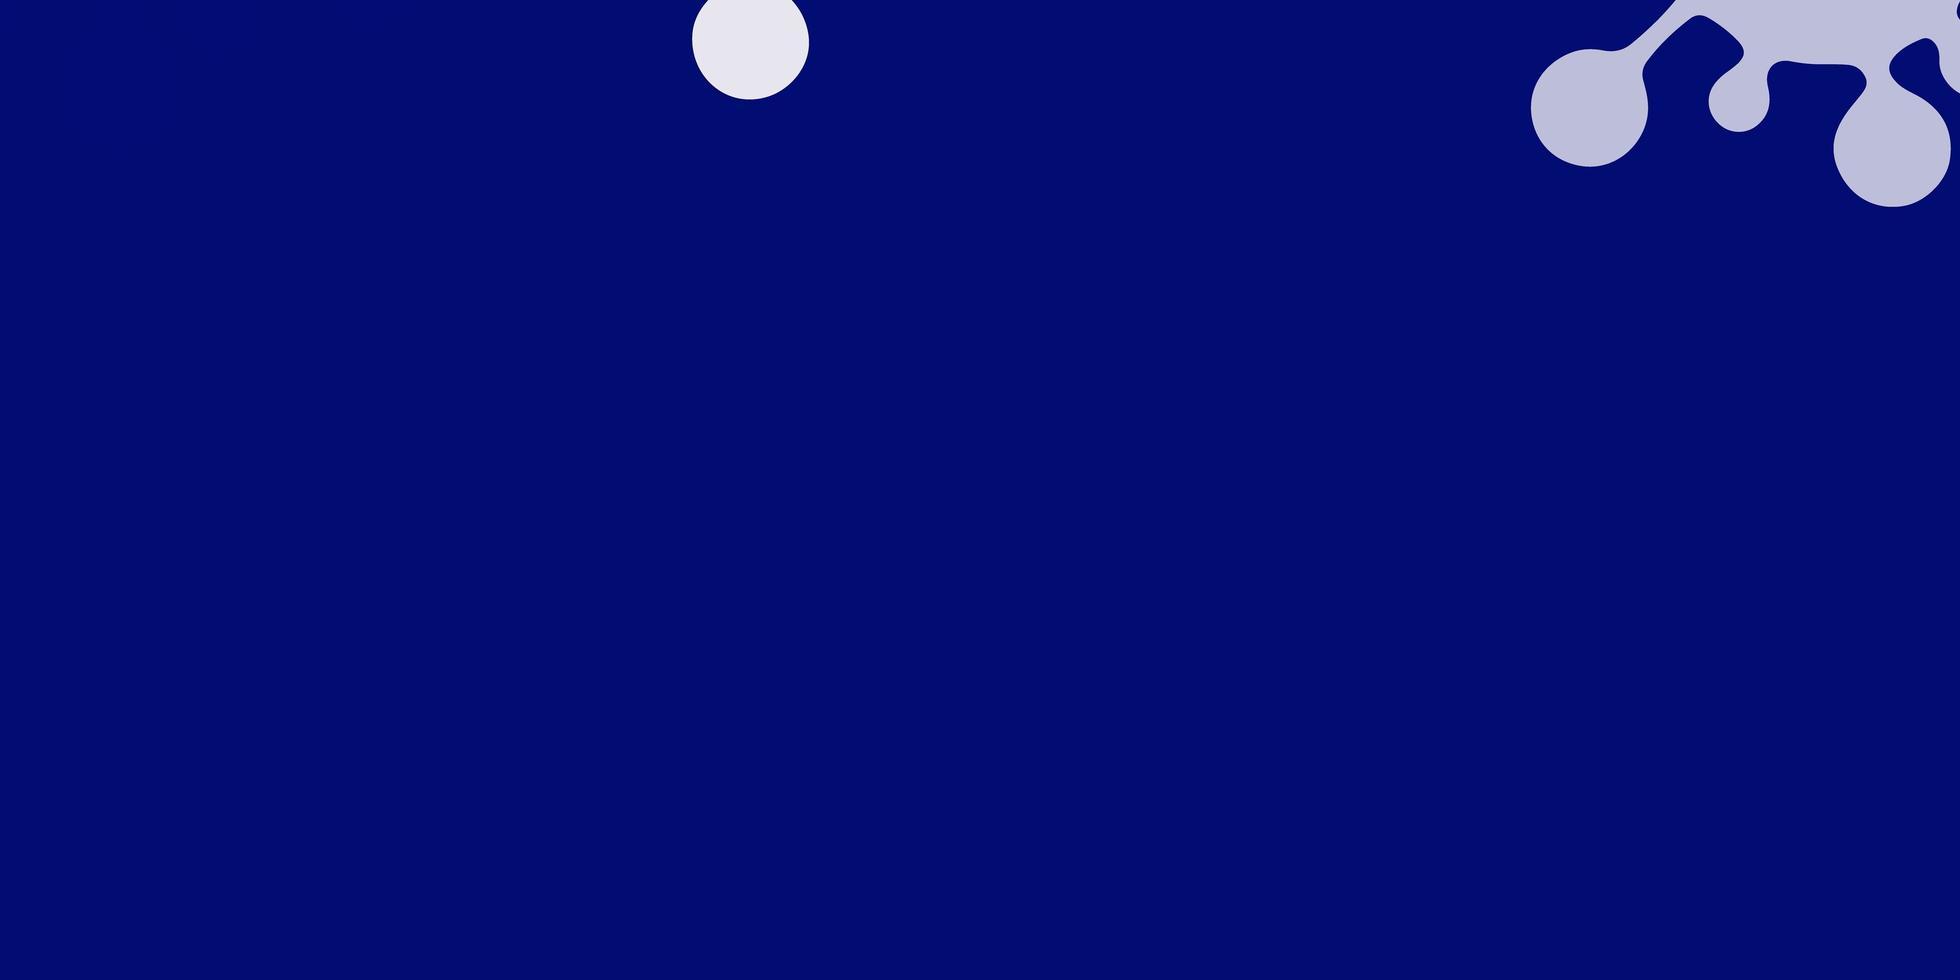 hellblauer, gelber Vektorhintergrund mit Virensymbolen. vektor